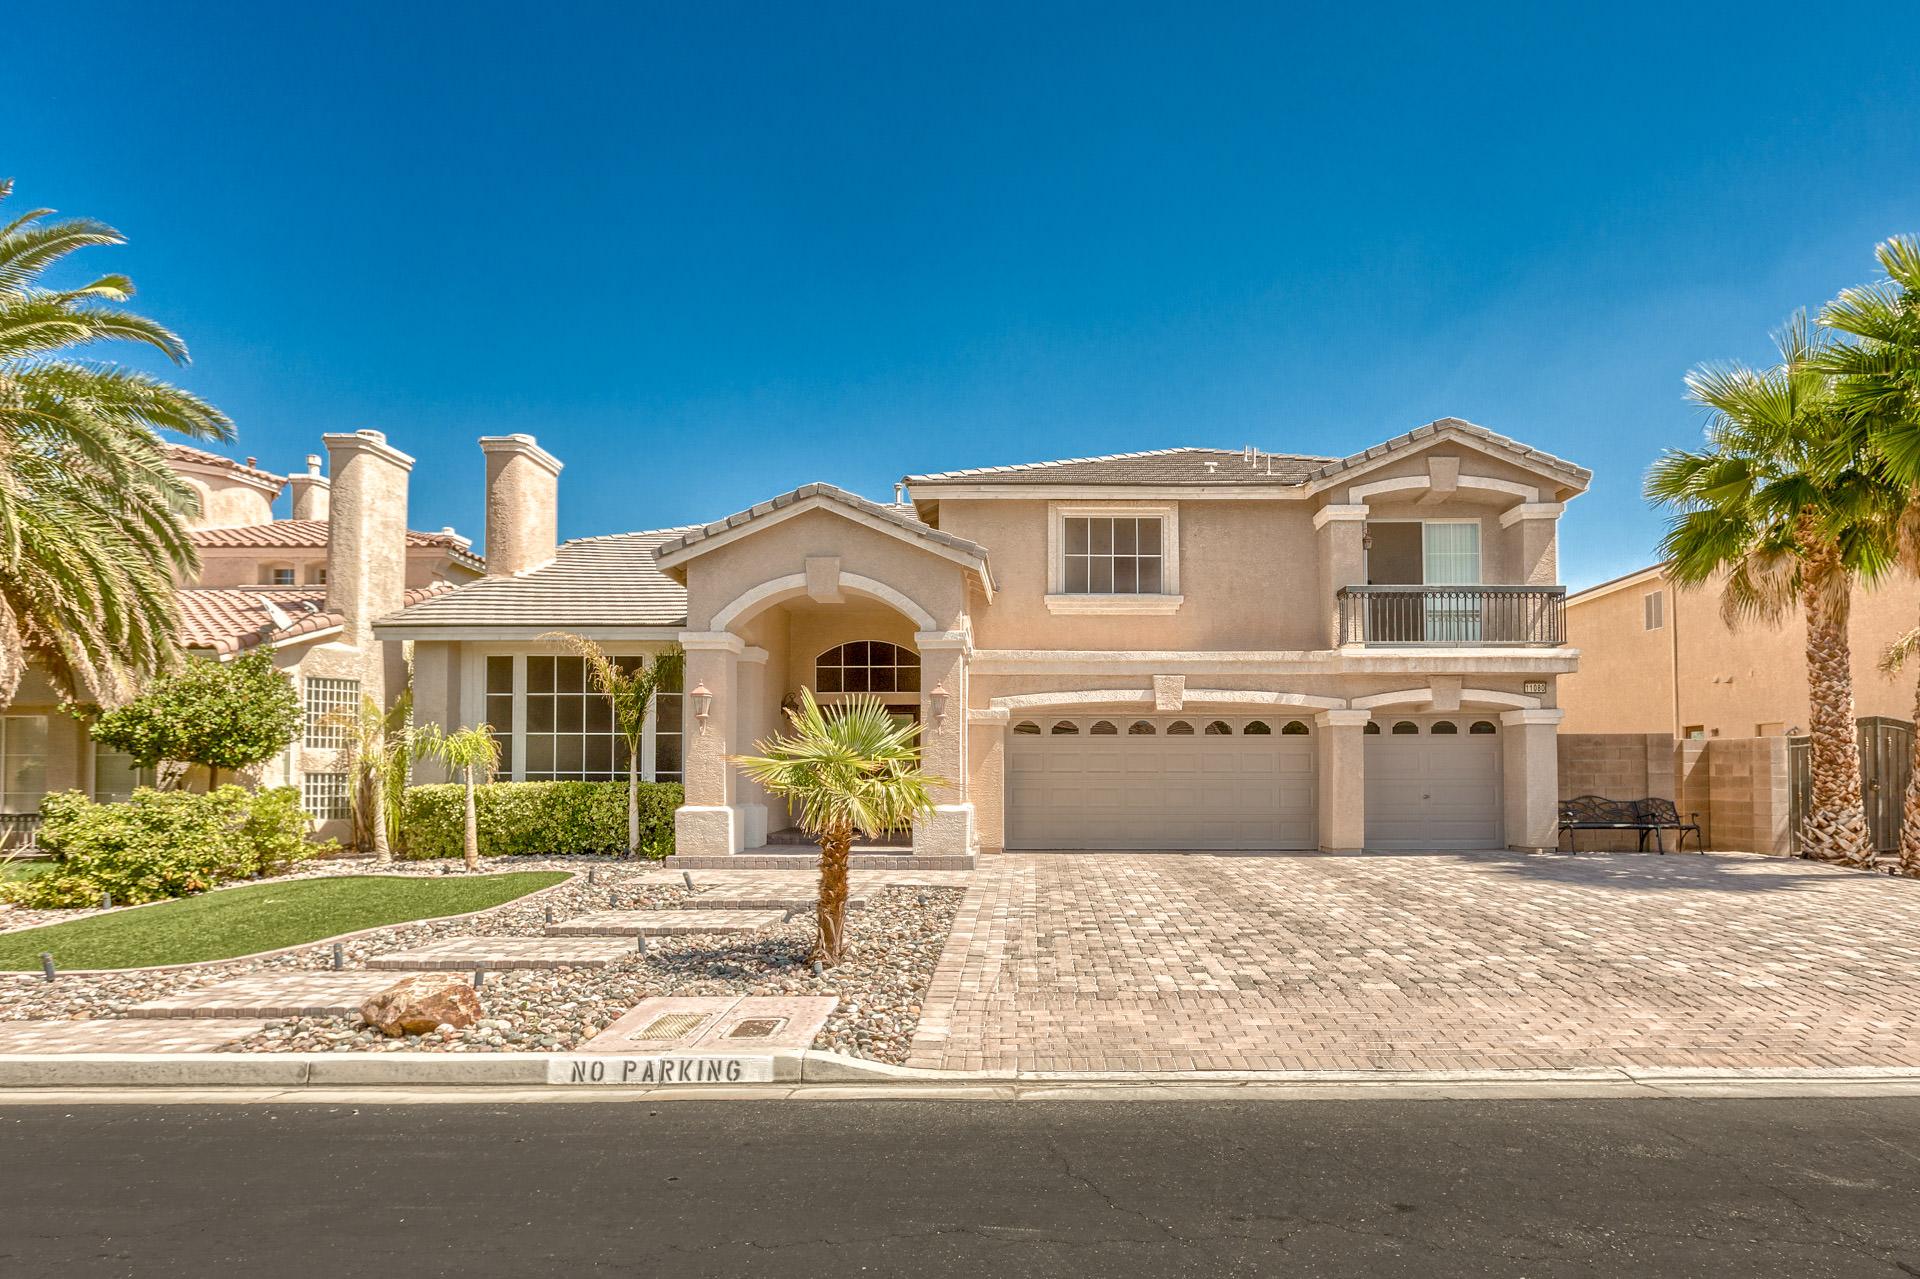 Homes For Sale In St George Utah